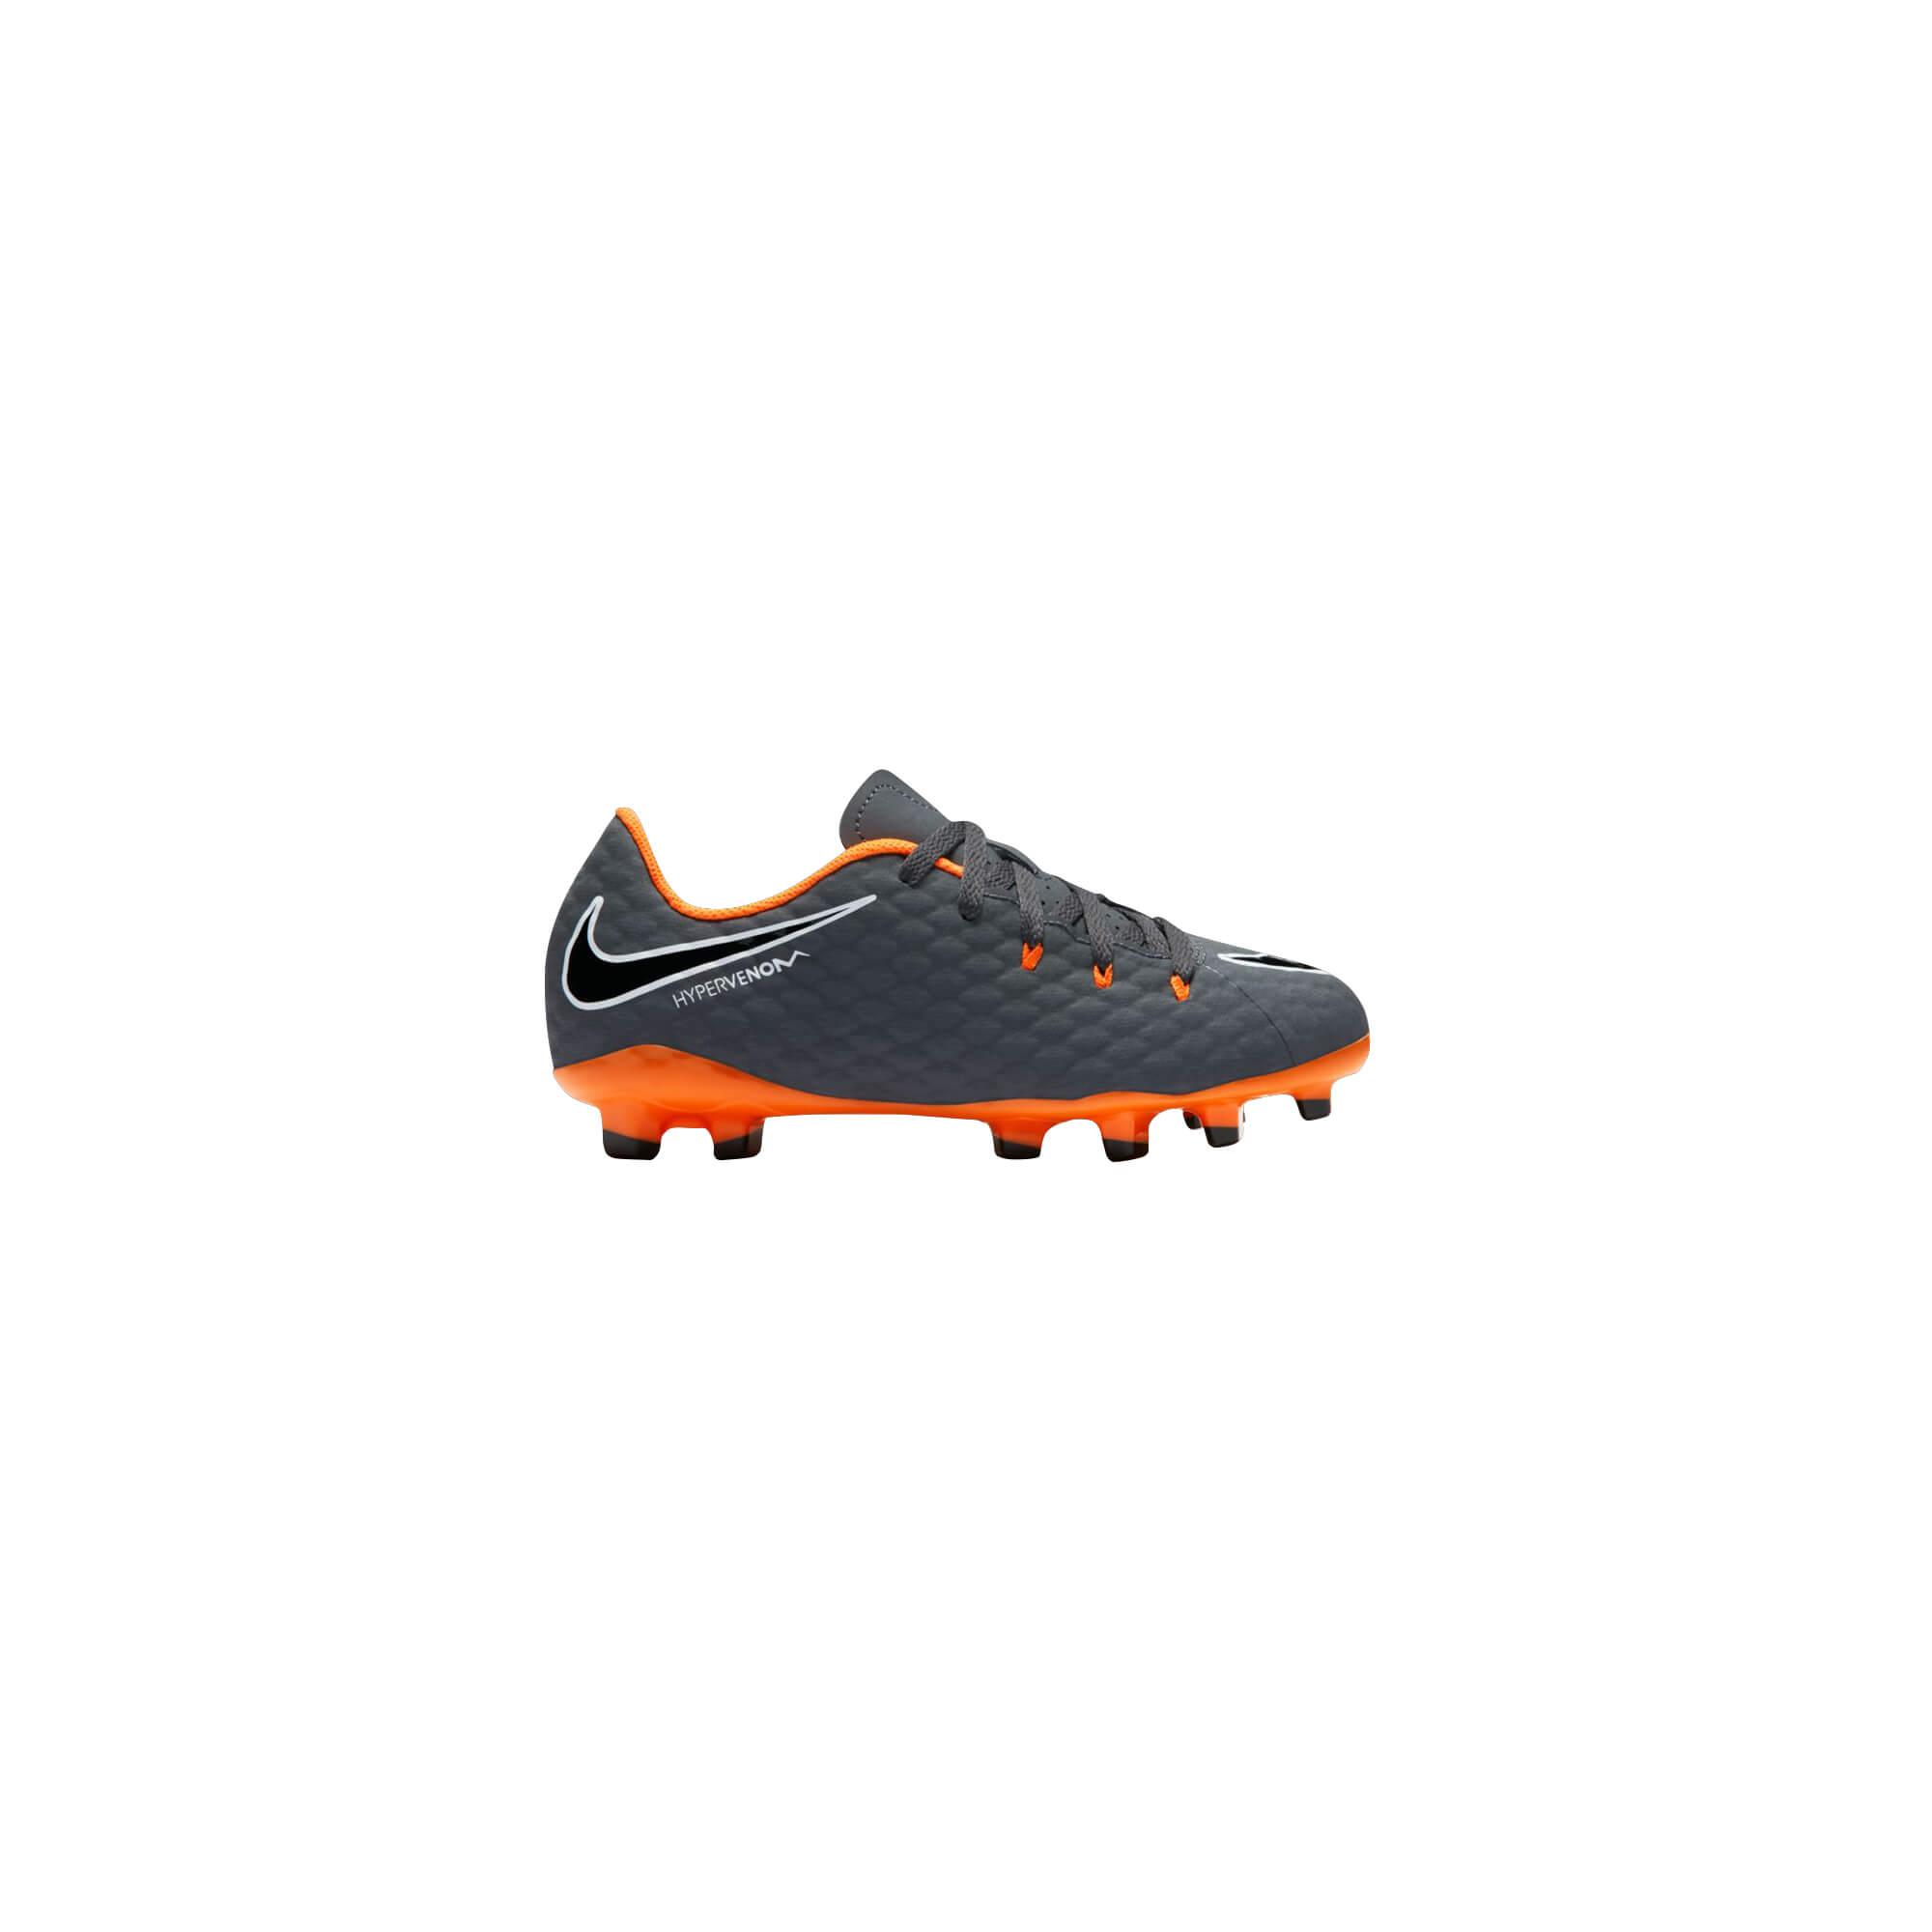 8ac3c5c88 Nike Otroška obutev za nogomet JR. HYPERVENOM PHANTOM 3 FG Siva ...